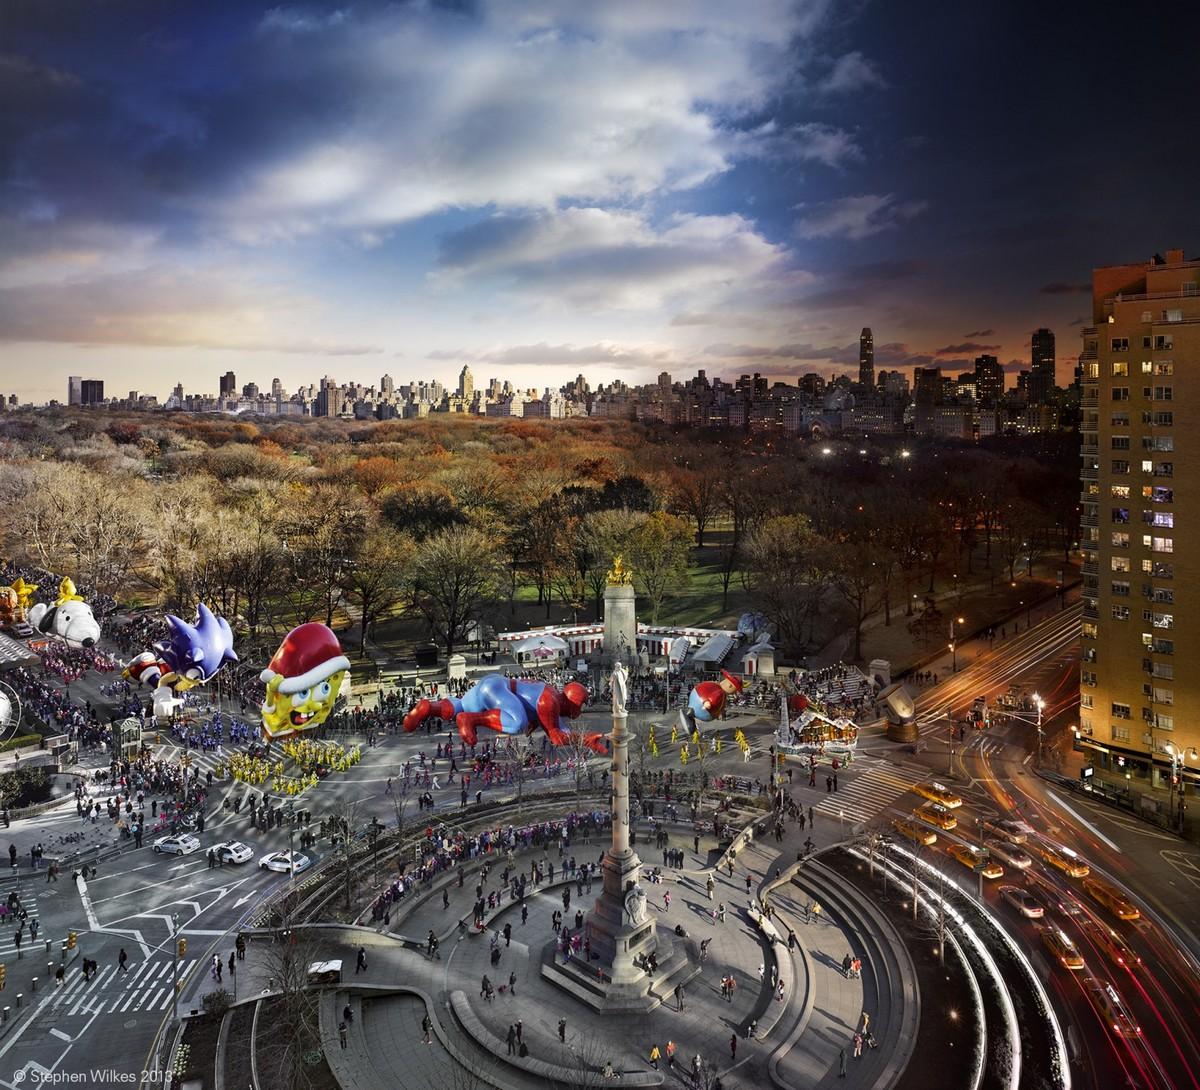 Удивительные панорамные снимки смены дня и ночи